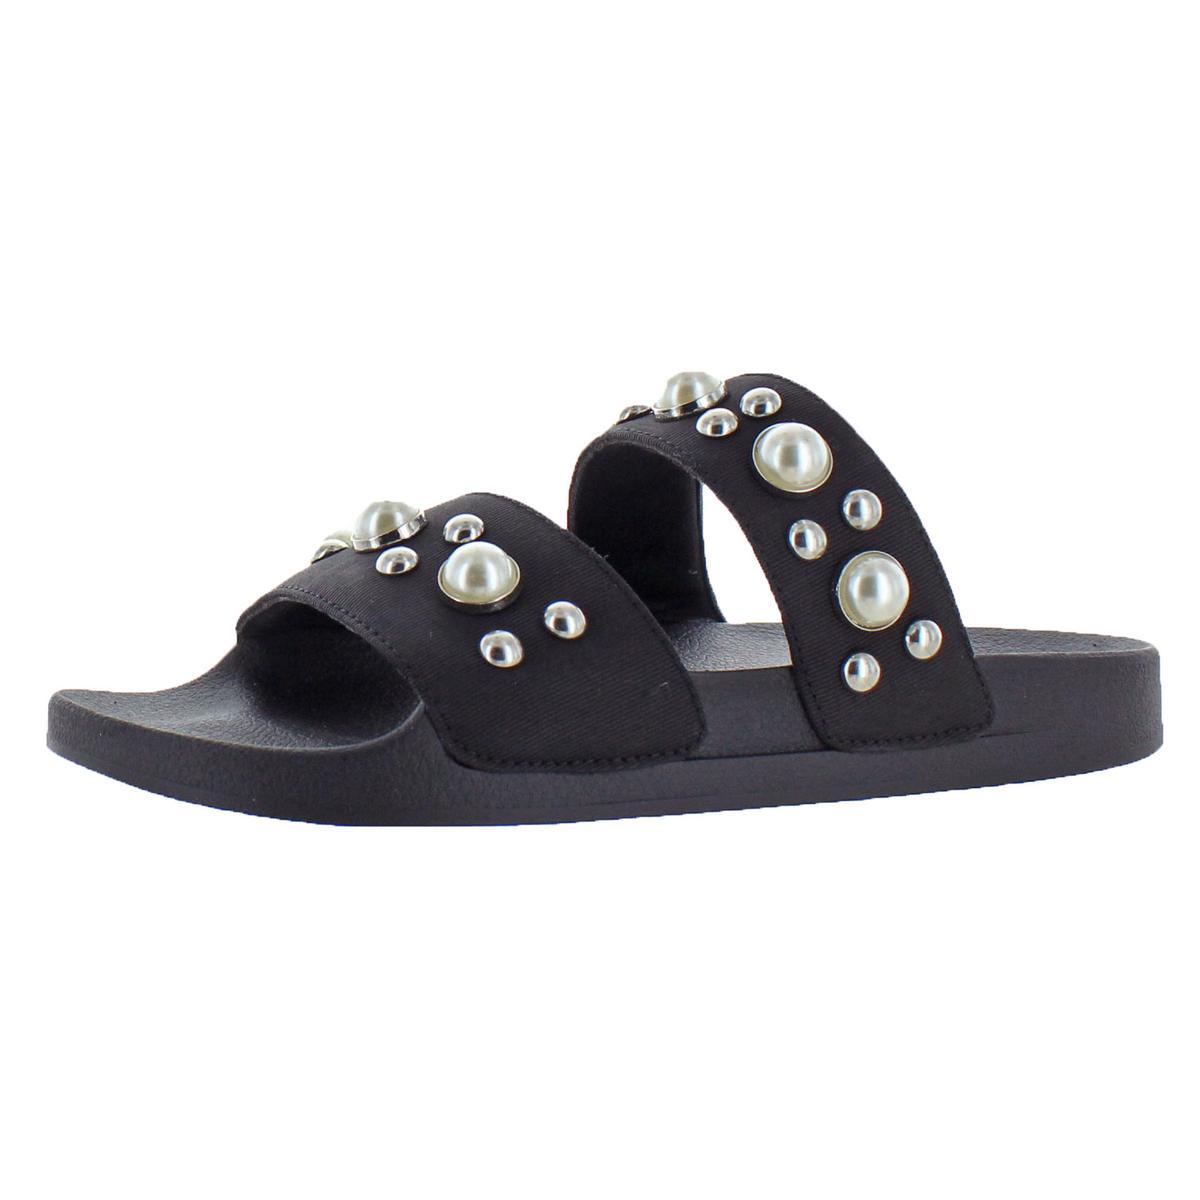 671ced5595f Details about Steve Madden Womens Polite Embellished Flats Slide Sandals  Shoes BHFO 8949